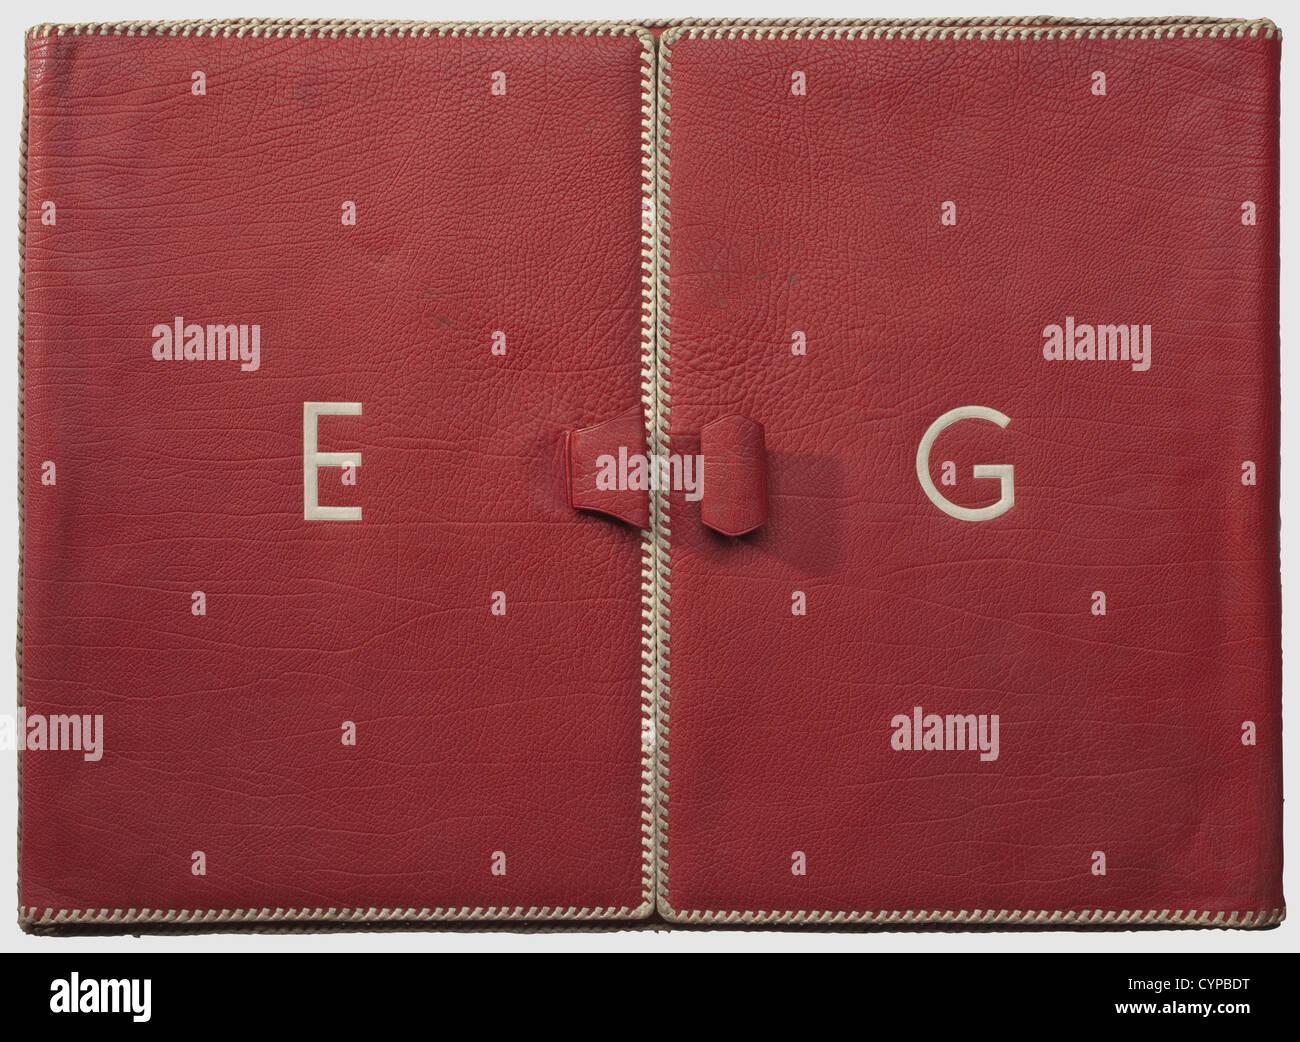 D Ou Vient Le Cuir emmy göring - un cas d'écriture en cuir rouge, maroc cuir